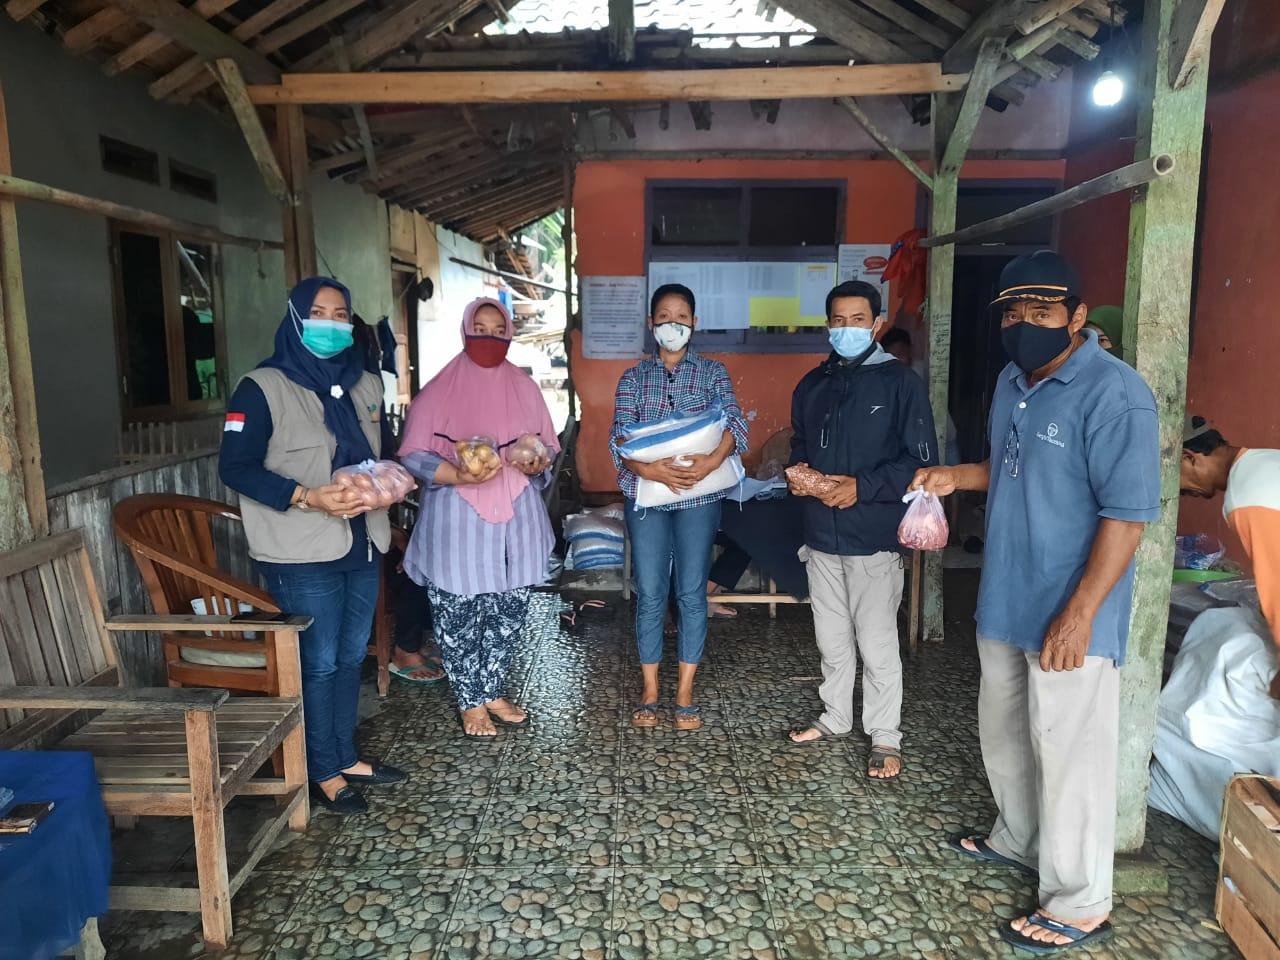 Gambar Penyaluran BPNT di Sobang, Koordinator TKSK Kecamatam Sobang Bilang Begini: 10